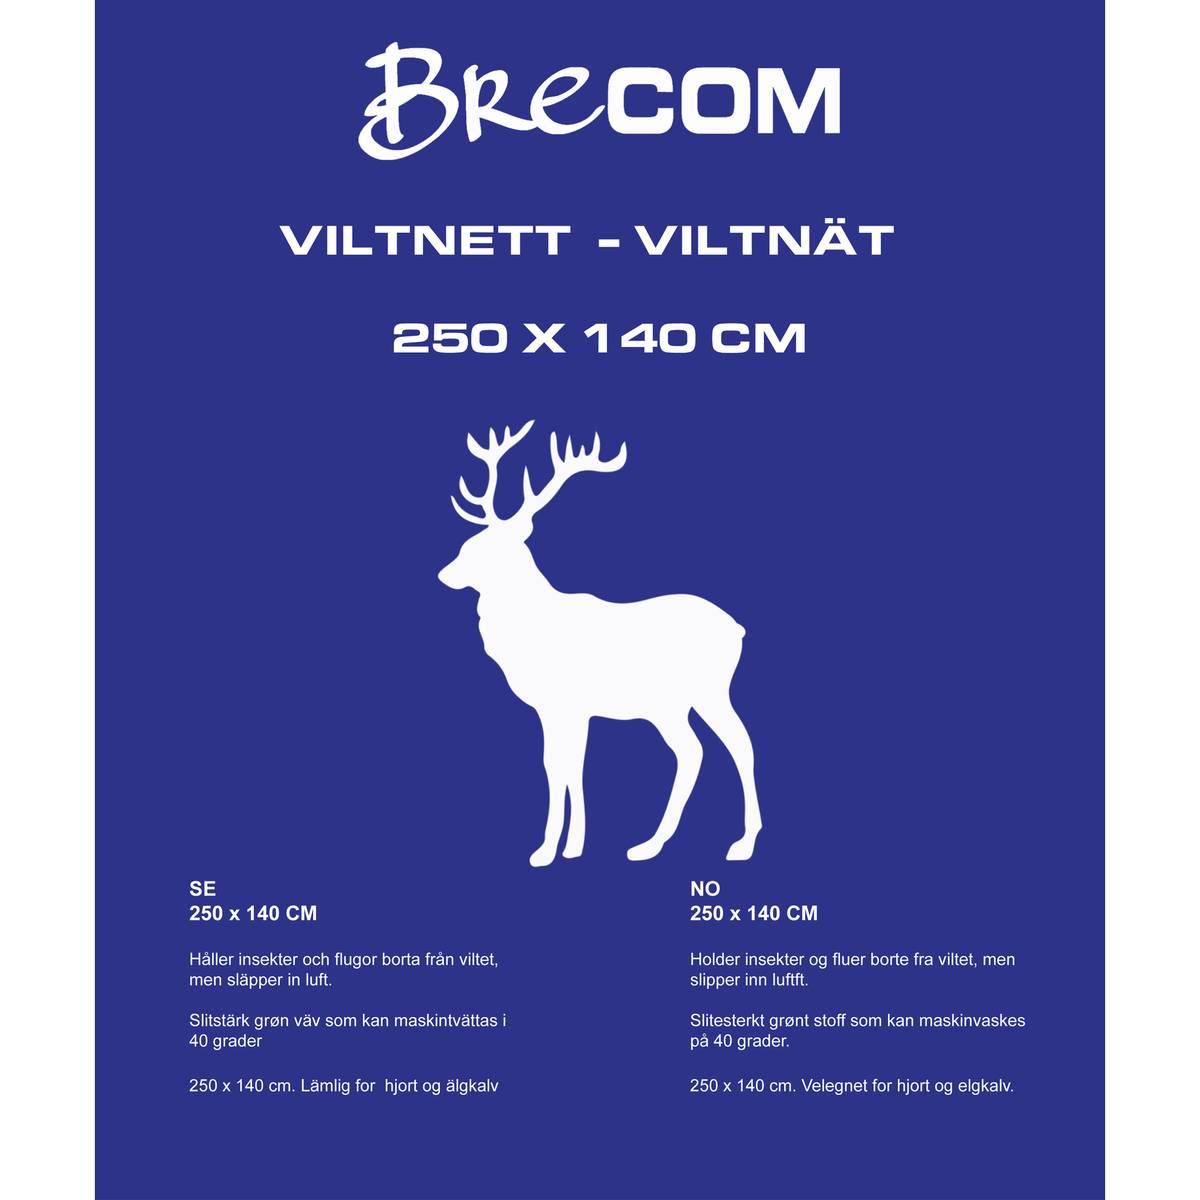 Brecom viltnett. Hjort/elgkalv. 140X250 cm.